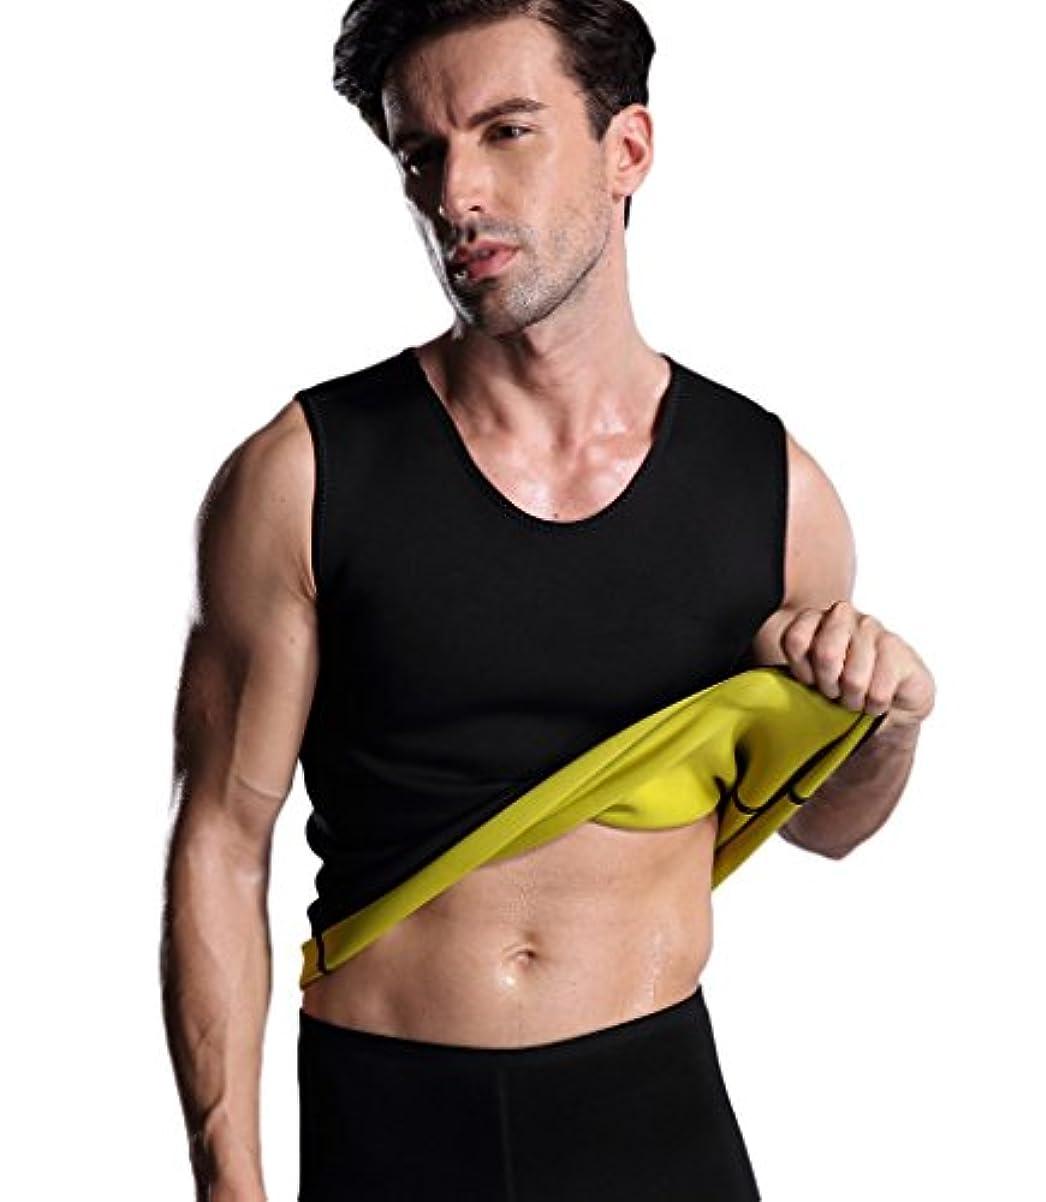 肥料味付けValentinA ホットスウェットボディーシェーパー ベスト 男性用 腹部脂肪燃焼 スリミングサウナタンクトップ 減量 シェイプウェア ブラック ファスナーなし